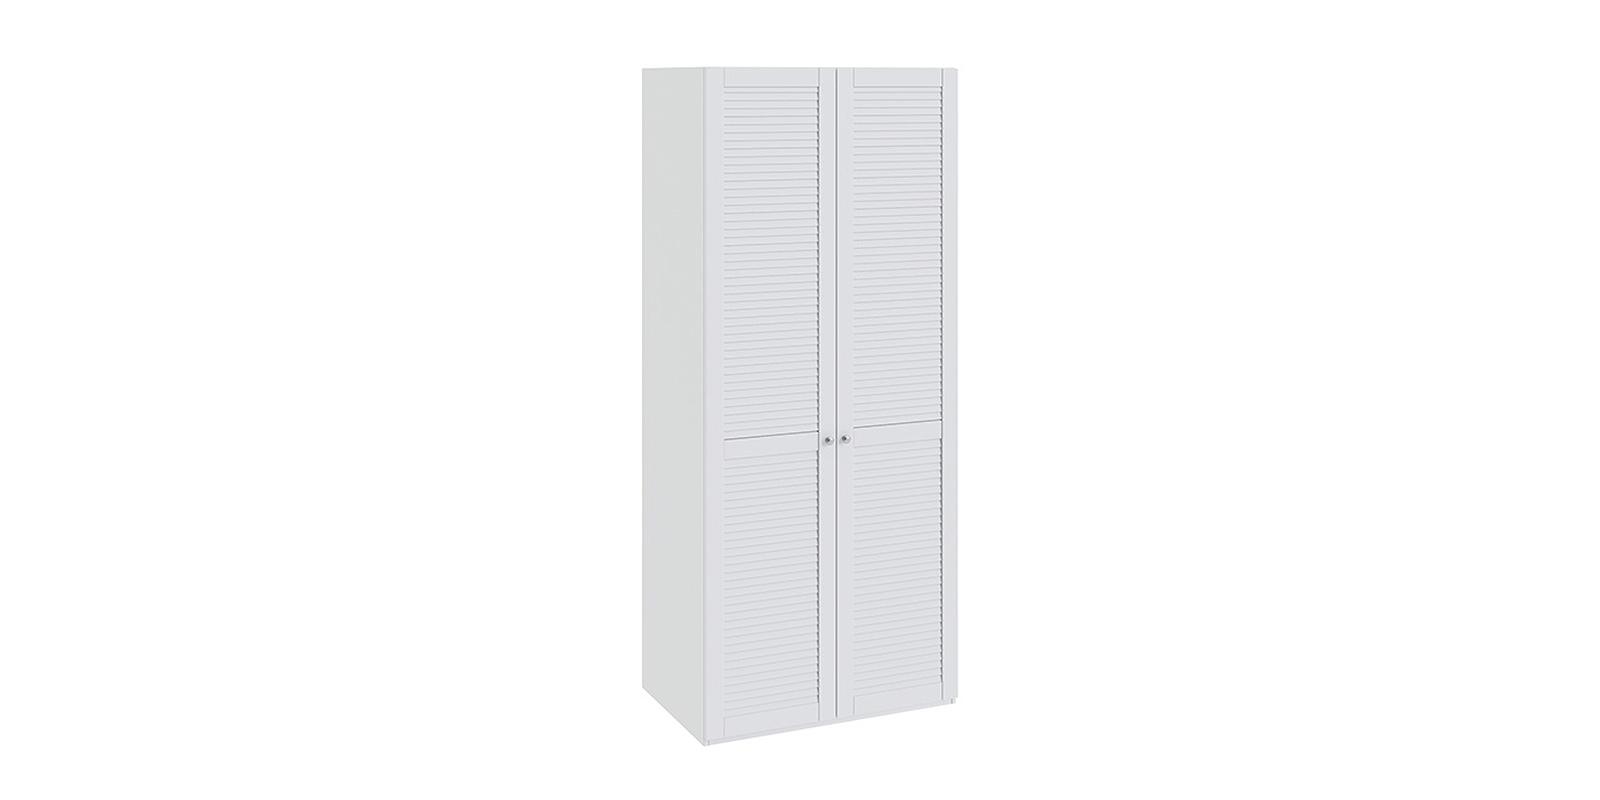 Шкаф распашной двухдверный Мерида вариант №2 (белый)